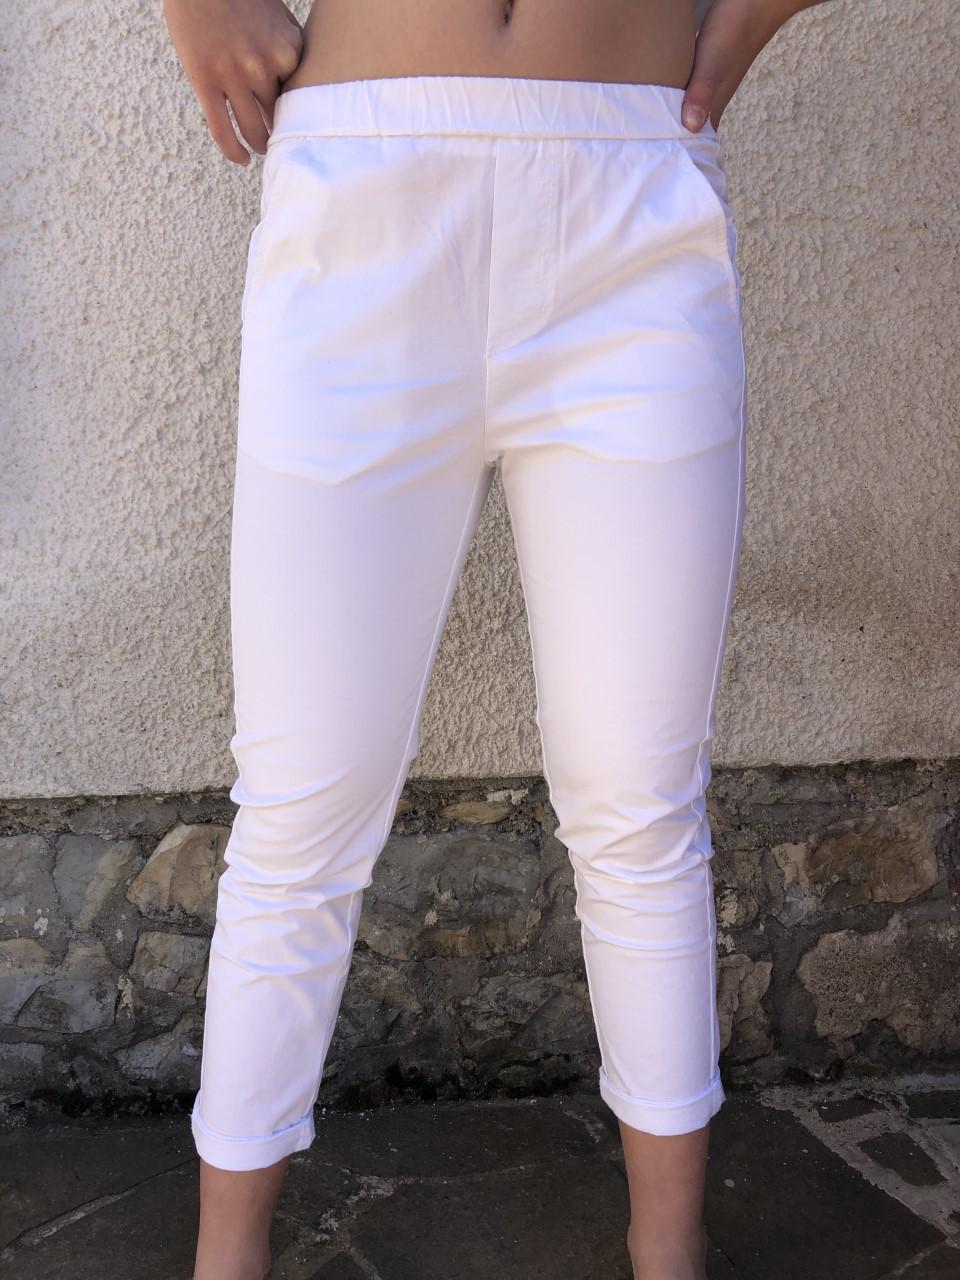 Pantalone bianco NAM particolare - davanti